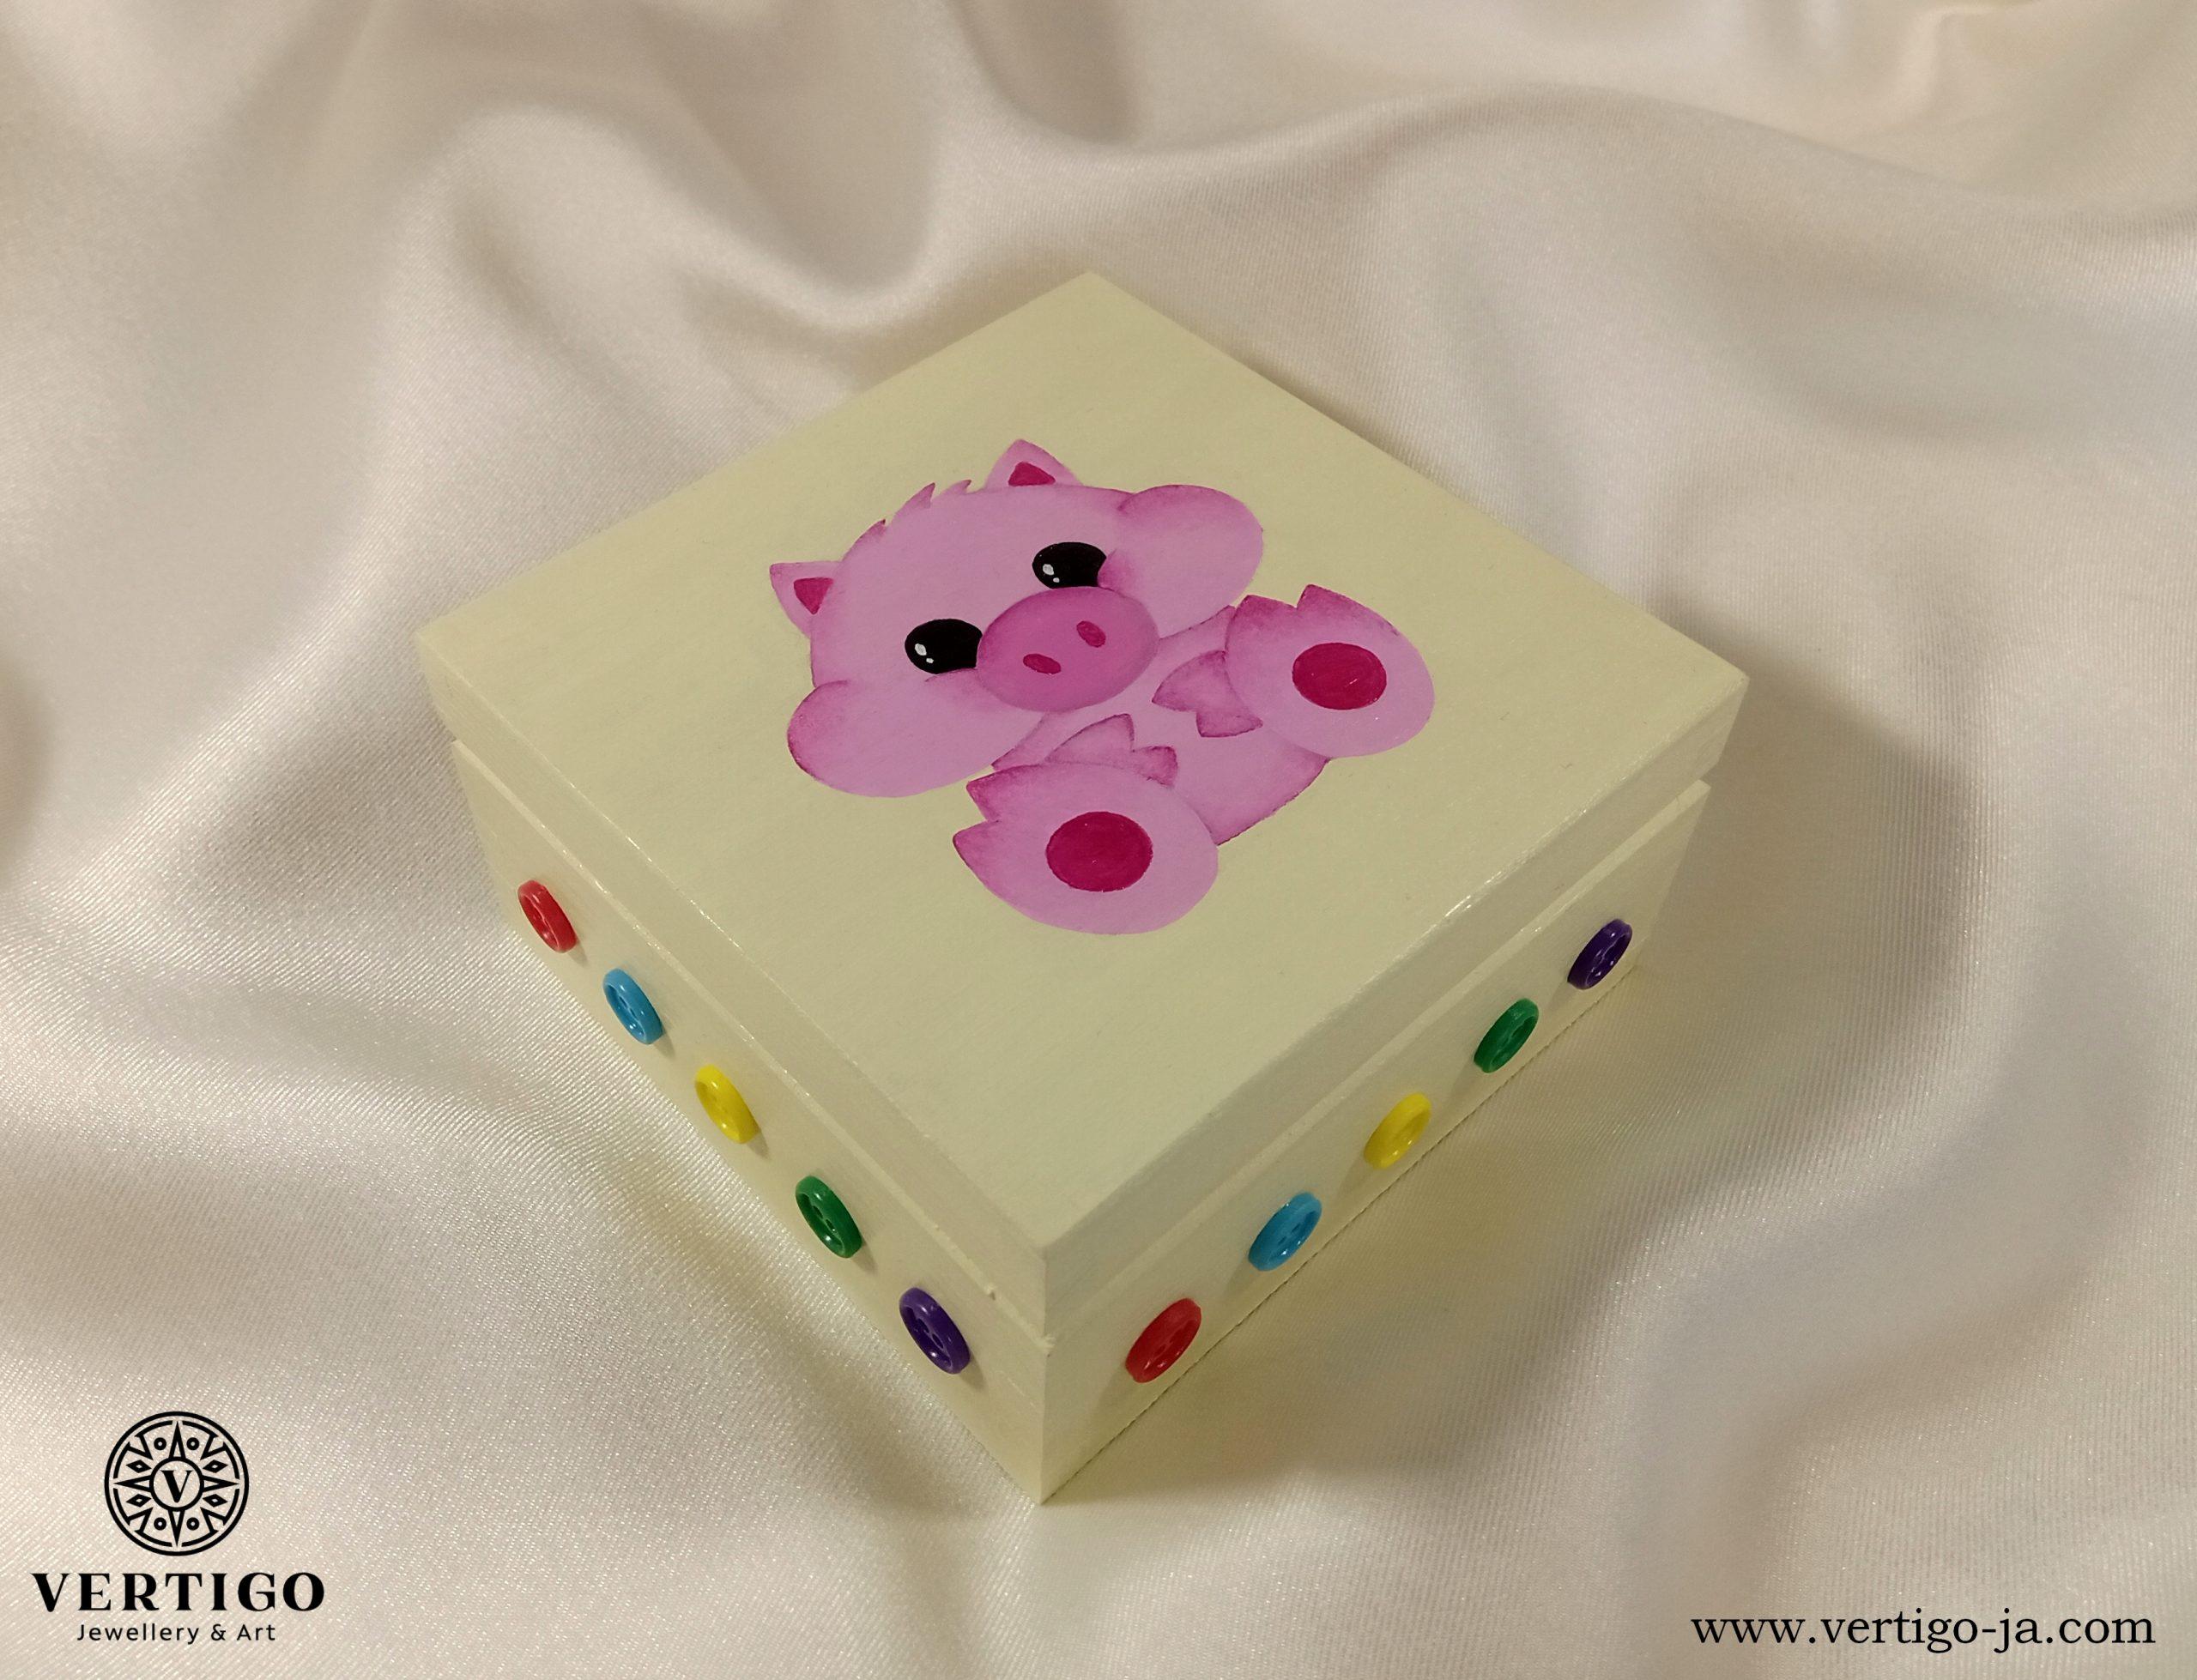 Drewniane, kremowe pudełko z różową świnką